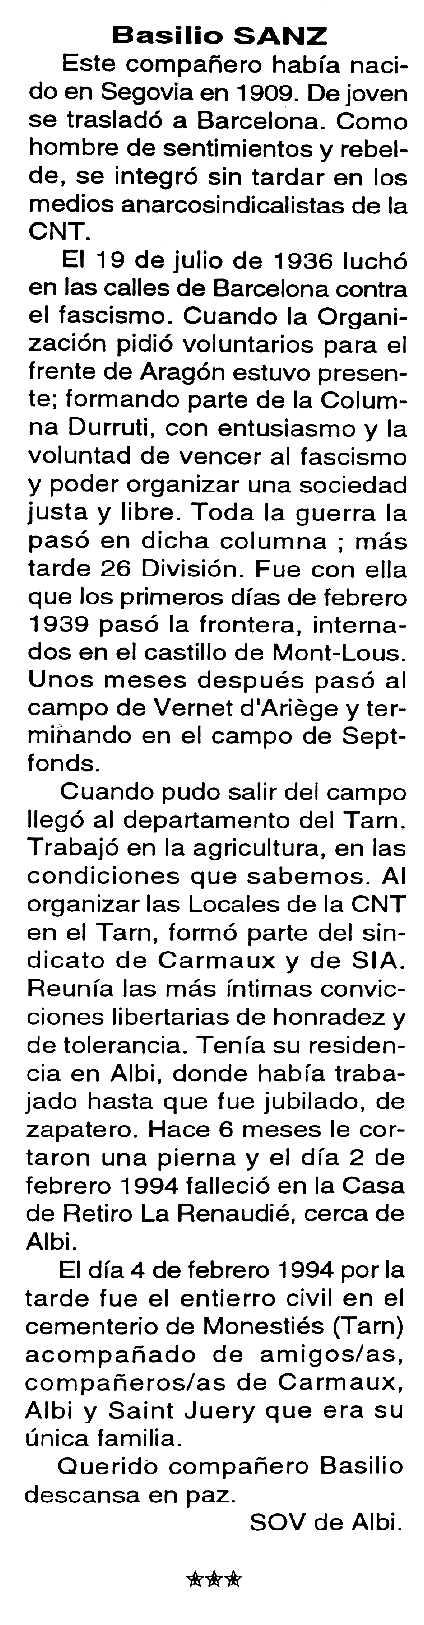 """Necrològica de Basilio Sanz de Lucas apareguda en el periòdic tolosà """"Cenit"""" del 8 de març de 1994"""